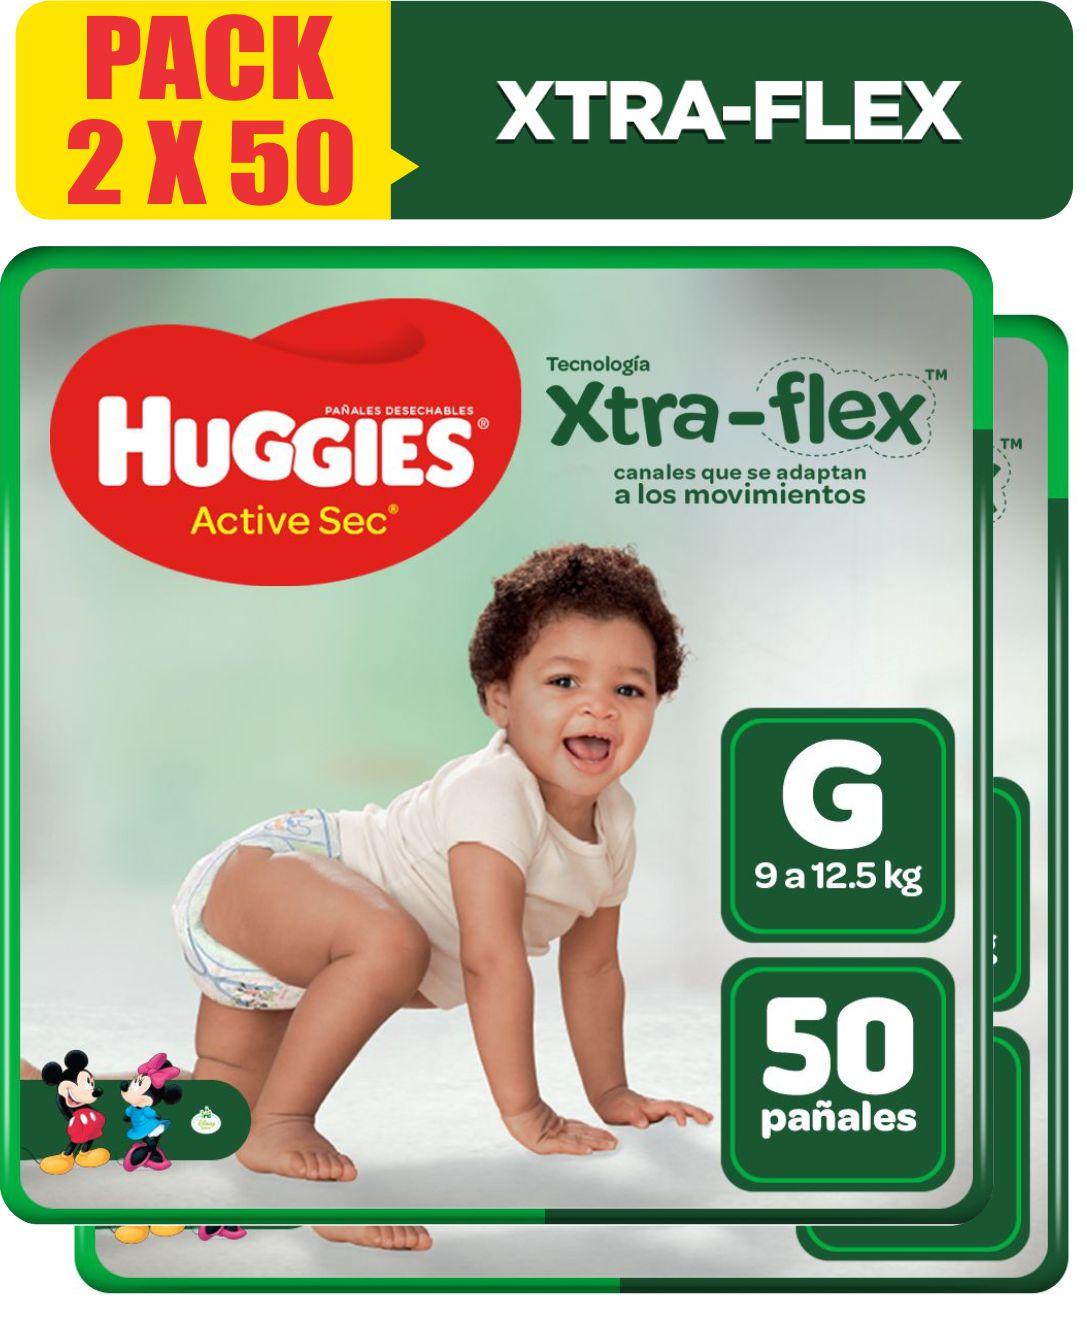 Pañales Para Bebé Huggies Active Sec Xtra-Flex Talla G Pack x 2 paquetes de 50 Unid